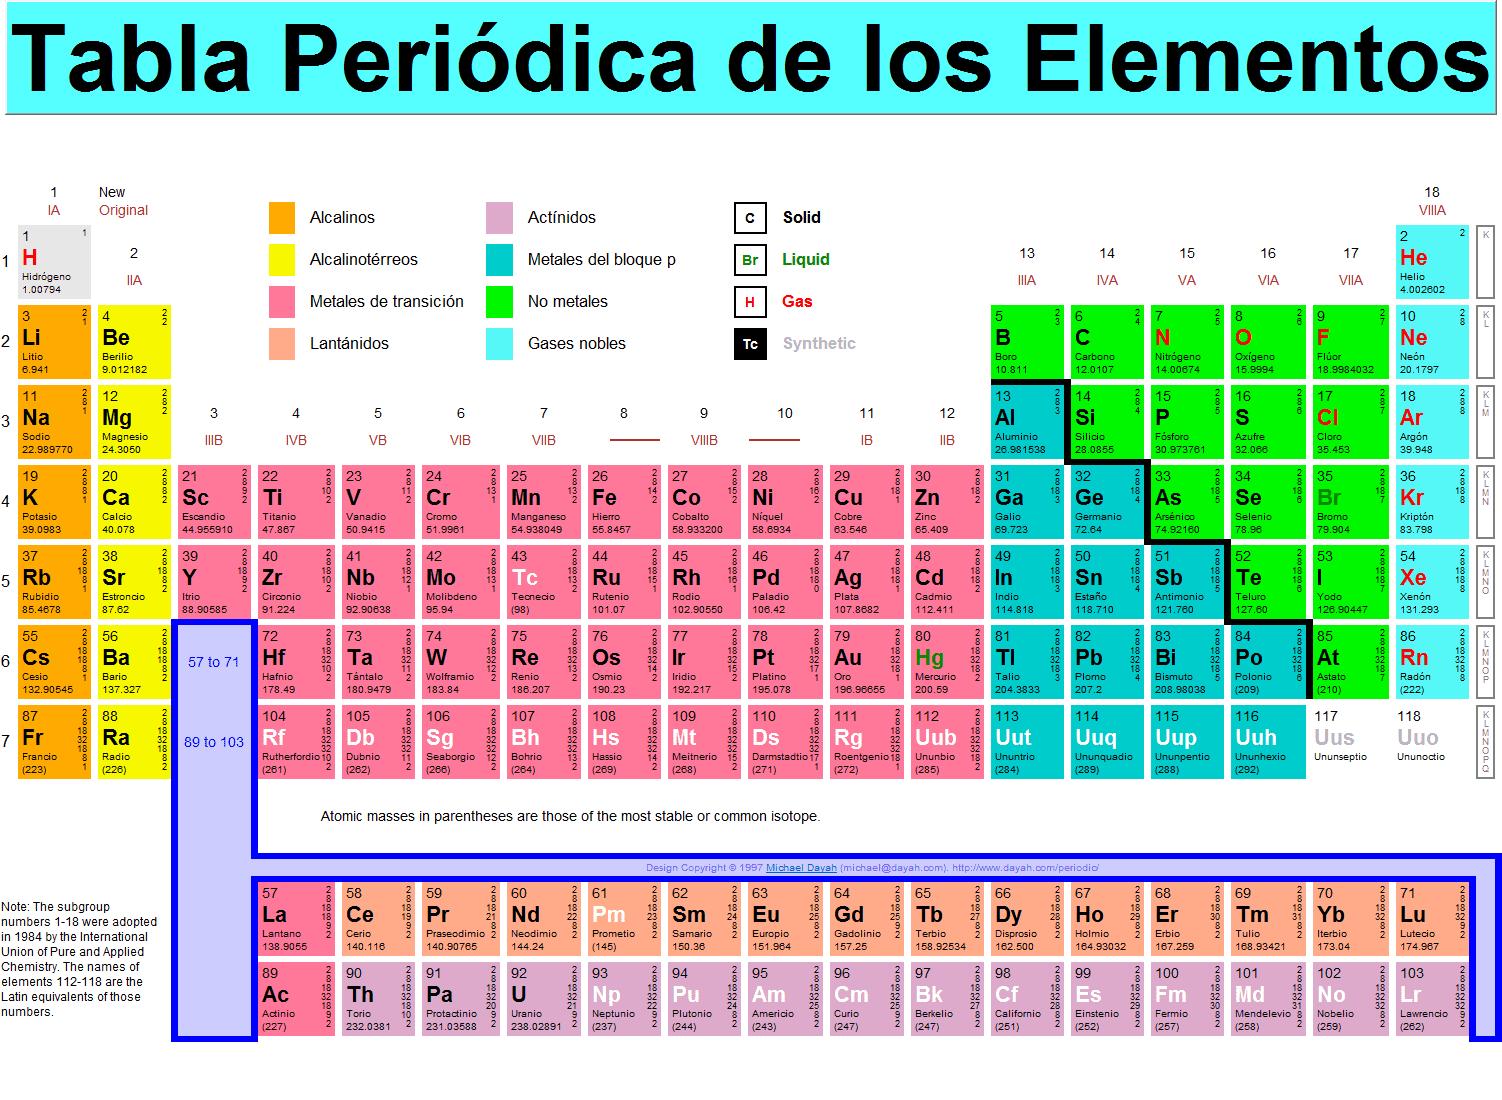 Qumica industrial nmeros cunticos y la tabla peridica la ley peridica de moseley y modifica la tabla en funcin al nmero atmico y sus propiedades de tal forma que establece grupos periodos y familias urtaz Choice Image